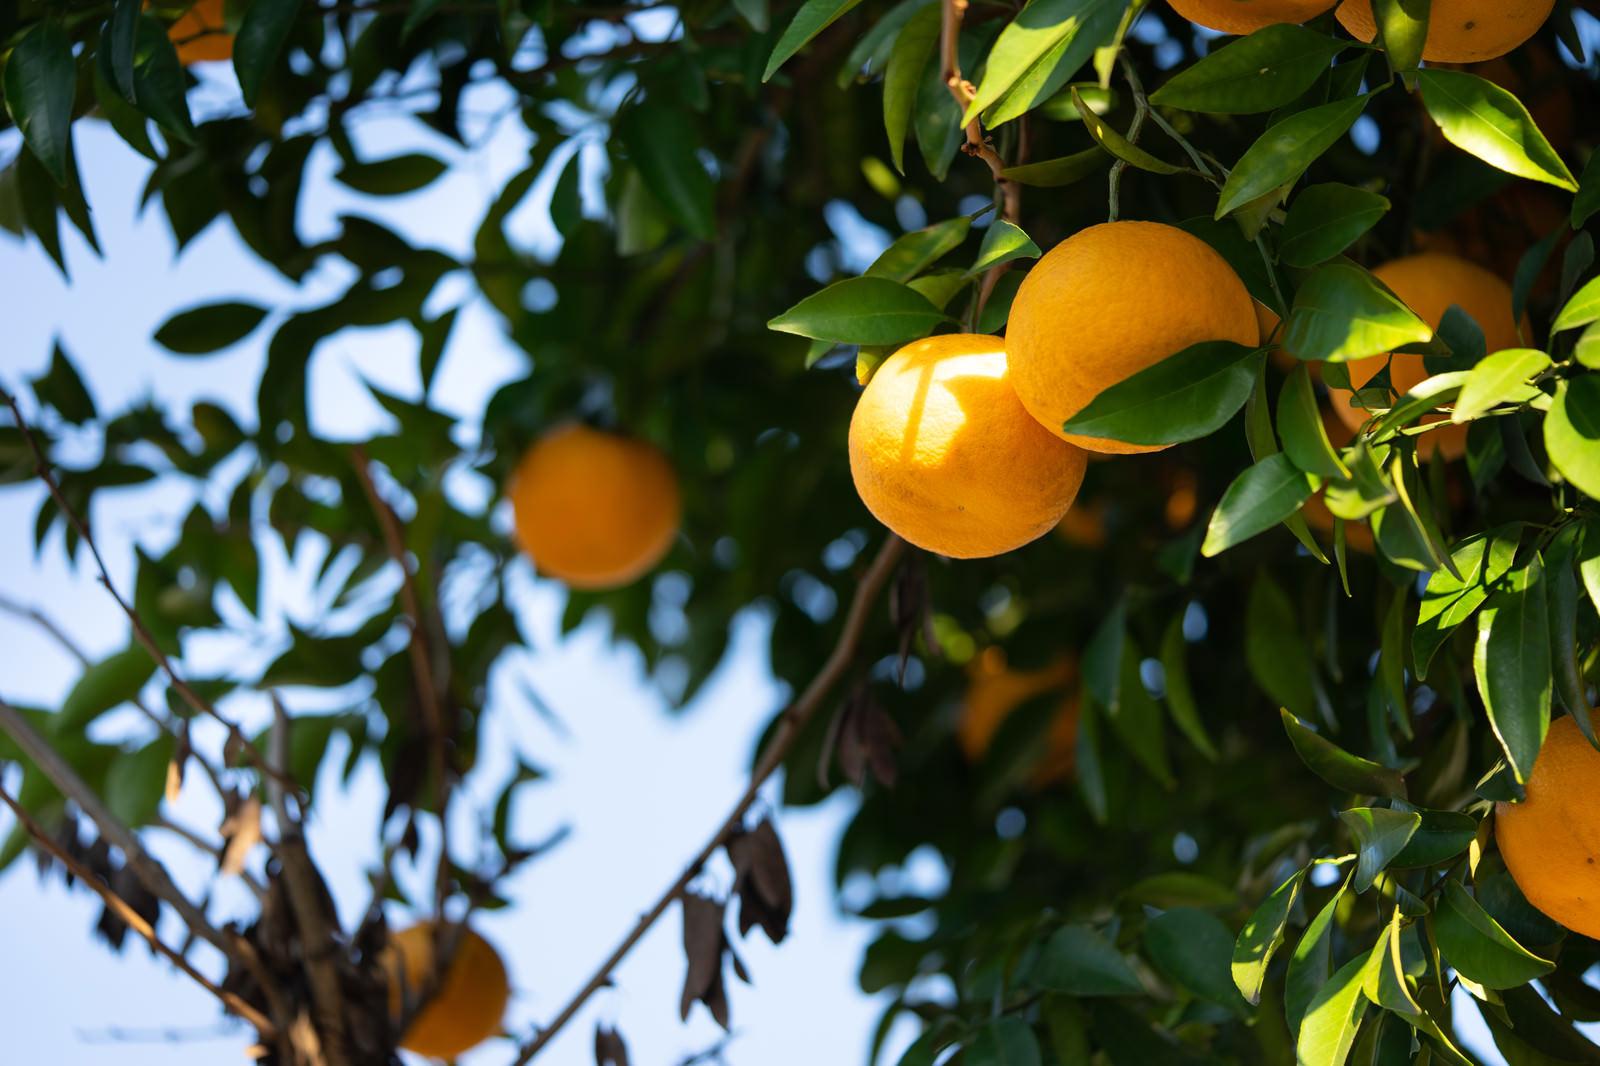 「葉に隠れる黄色い果実(柑橘類)」の写真